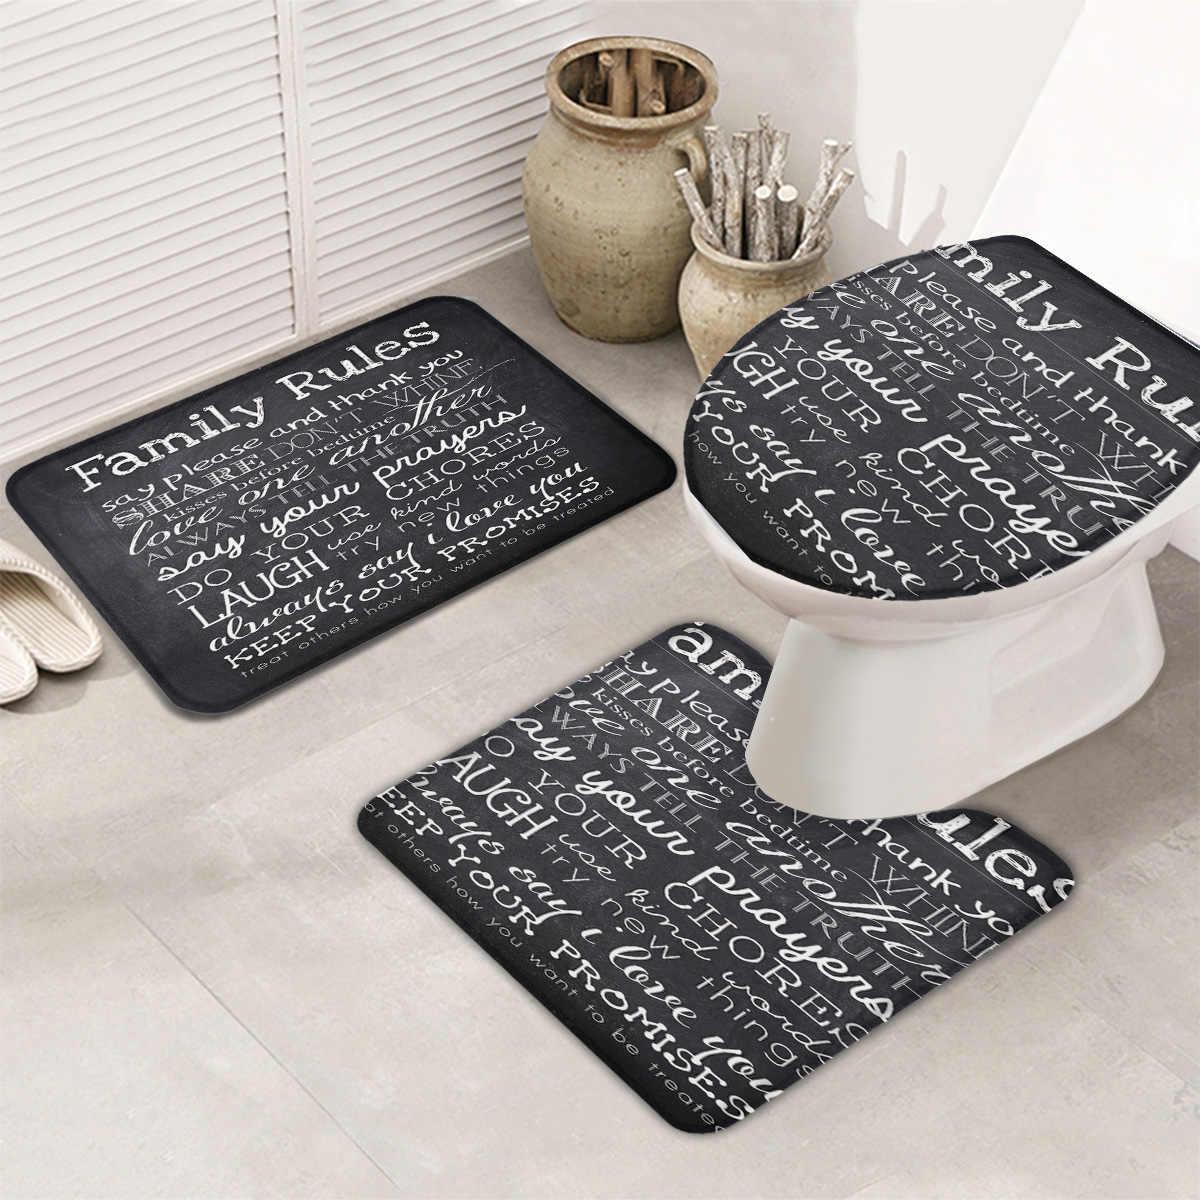 10 stück Badezimmer Set Schwarz Weiß Familie Regeln Tafel Bad Set Wc  Abdeckung Matte Sockel Teppich Non-Slip Bad teppich Set